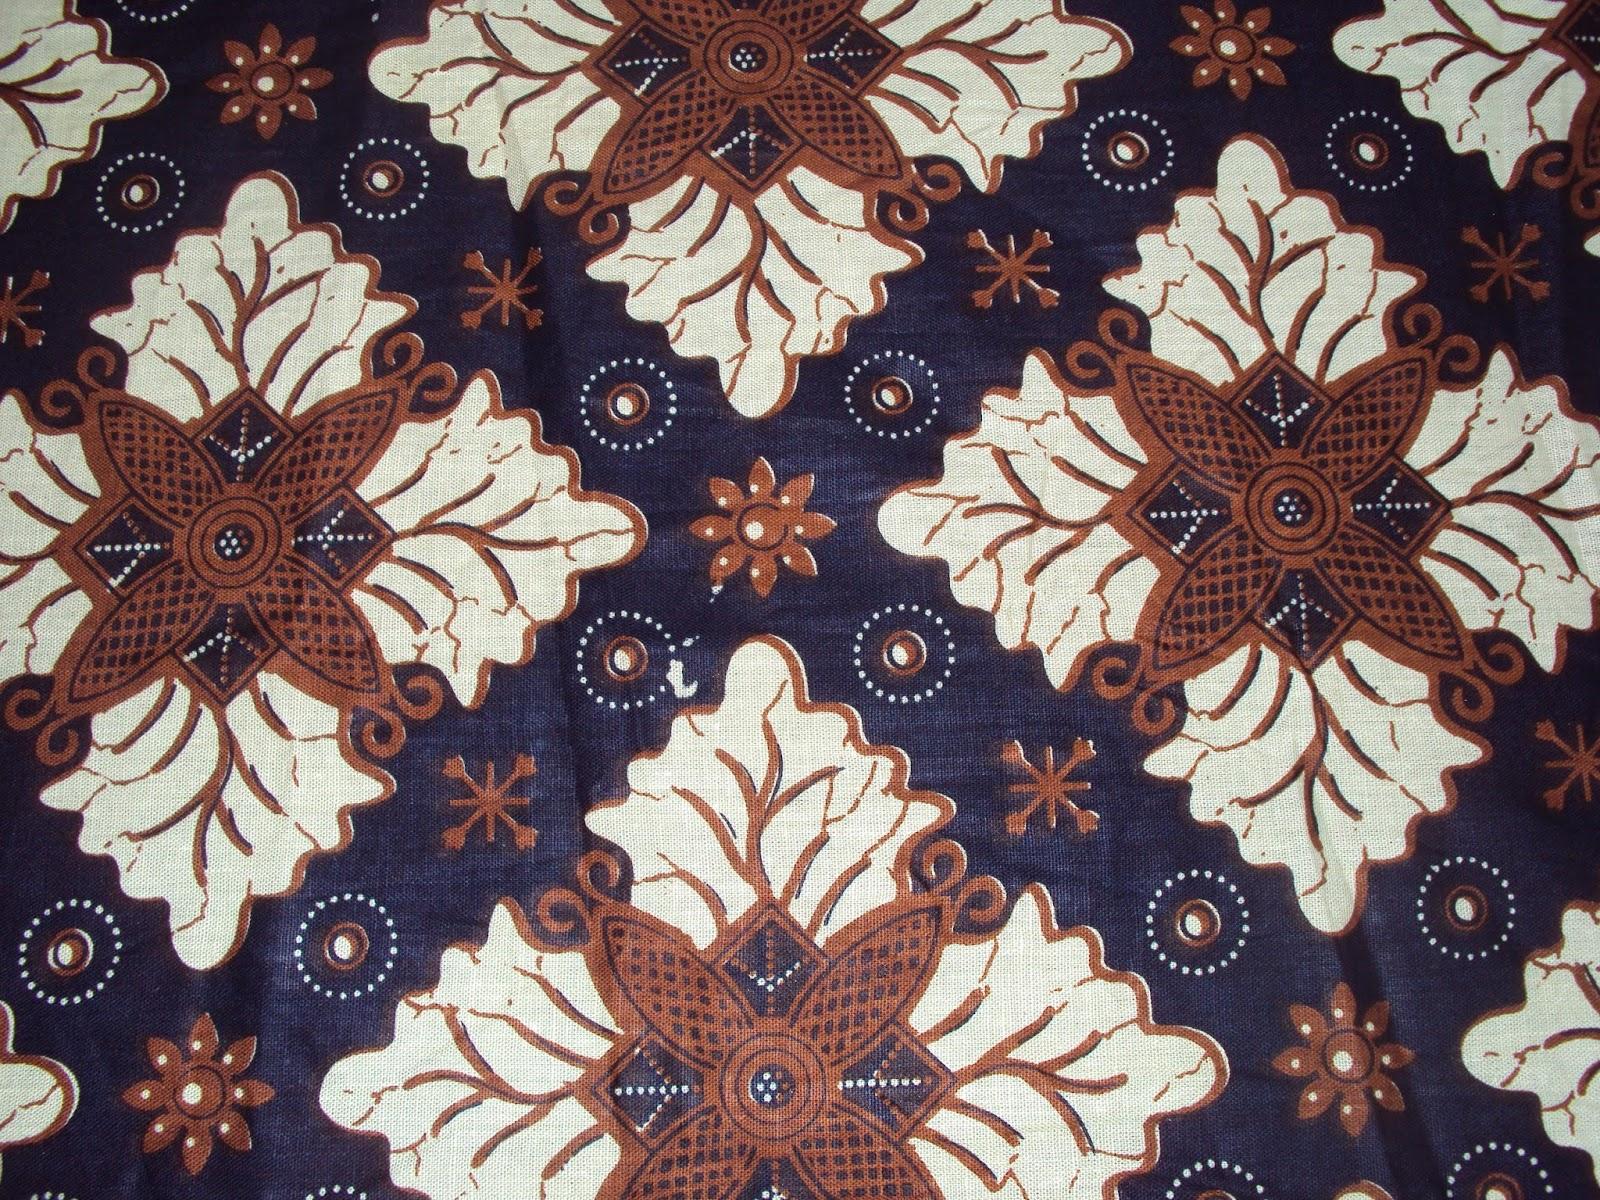 Gambar Batik Solo Sederhana  4b9e76921f